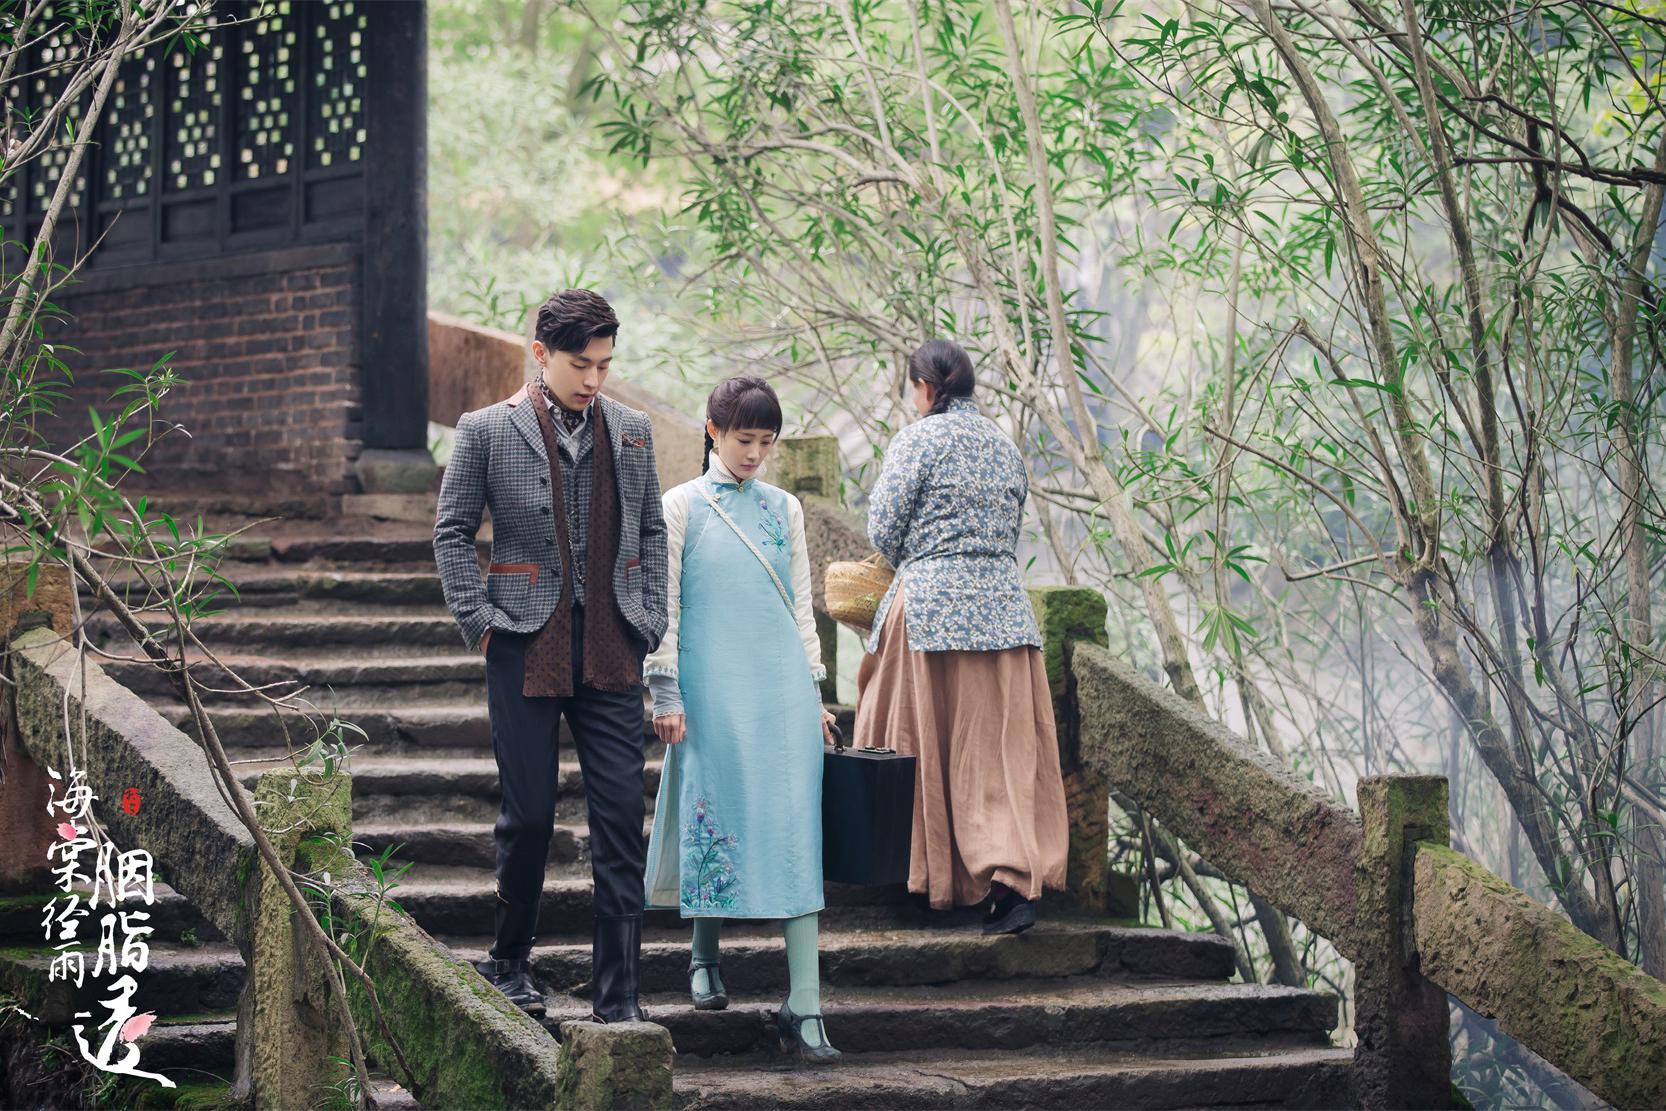 《海棠经雨胭脂透》民国造型获赞  邓伦李一桐上演时尚变装秀